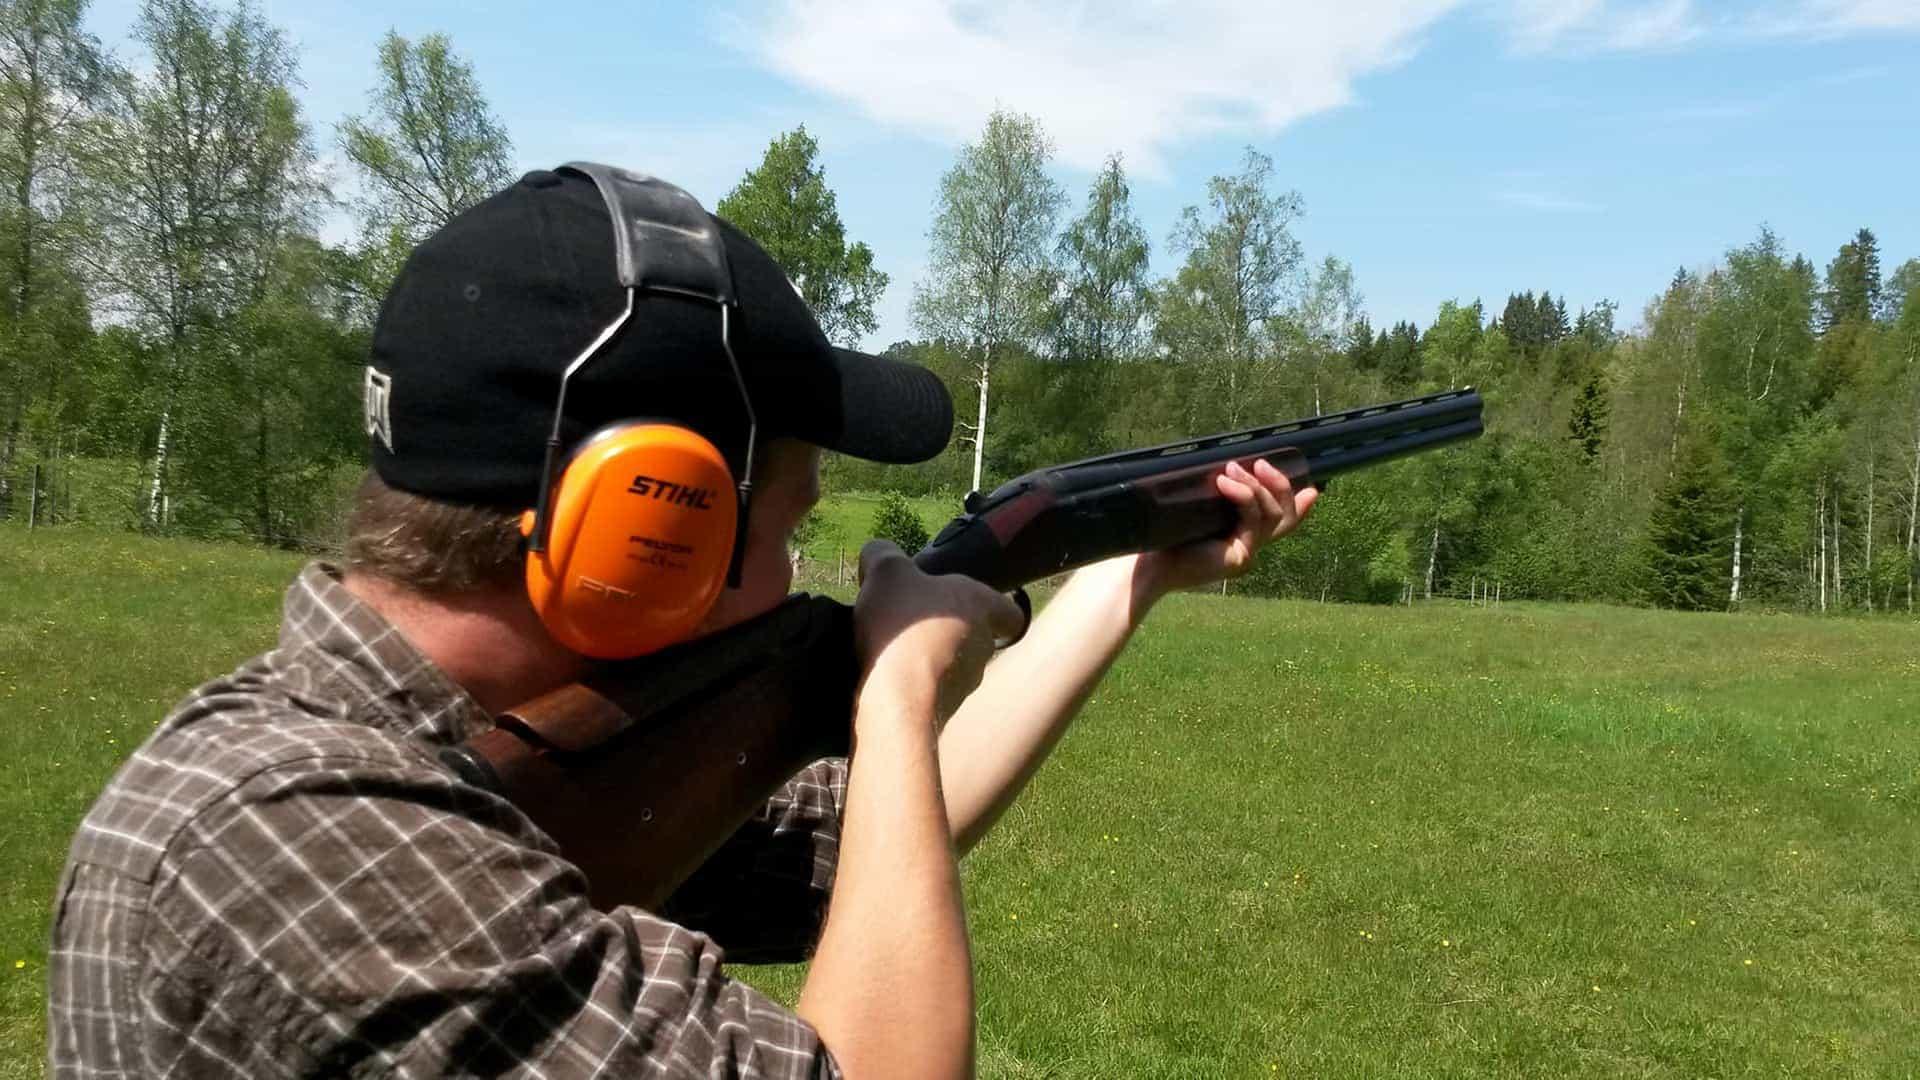 En man står med ett gevär och skjuter lerduva